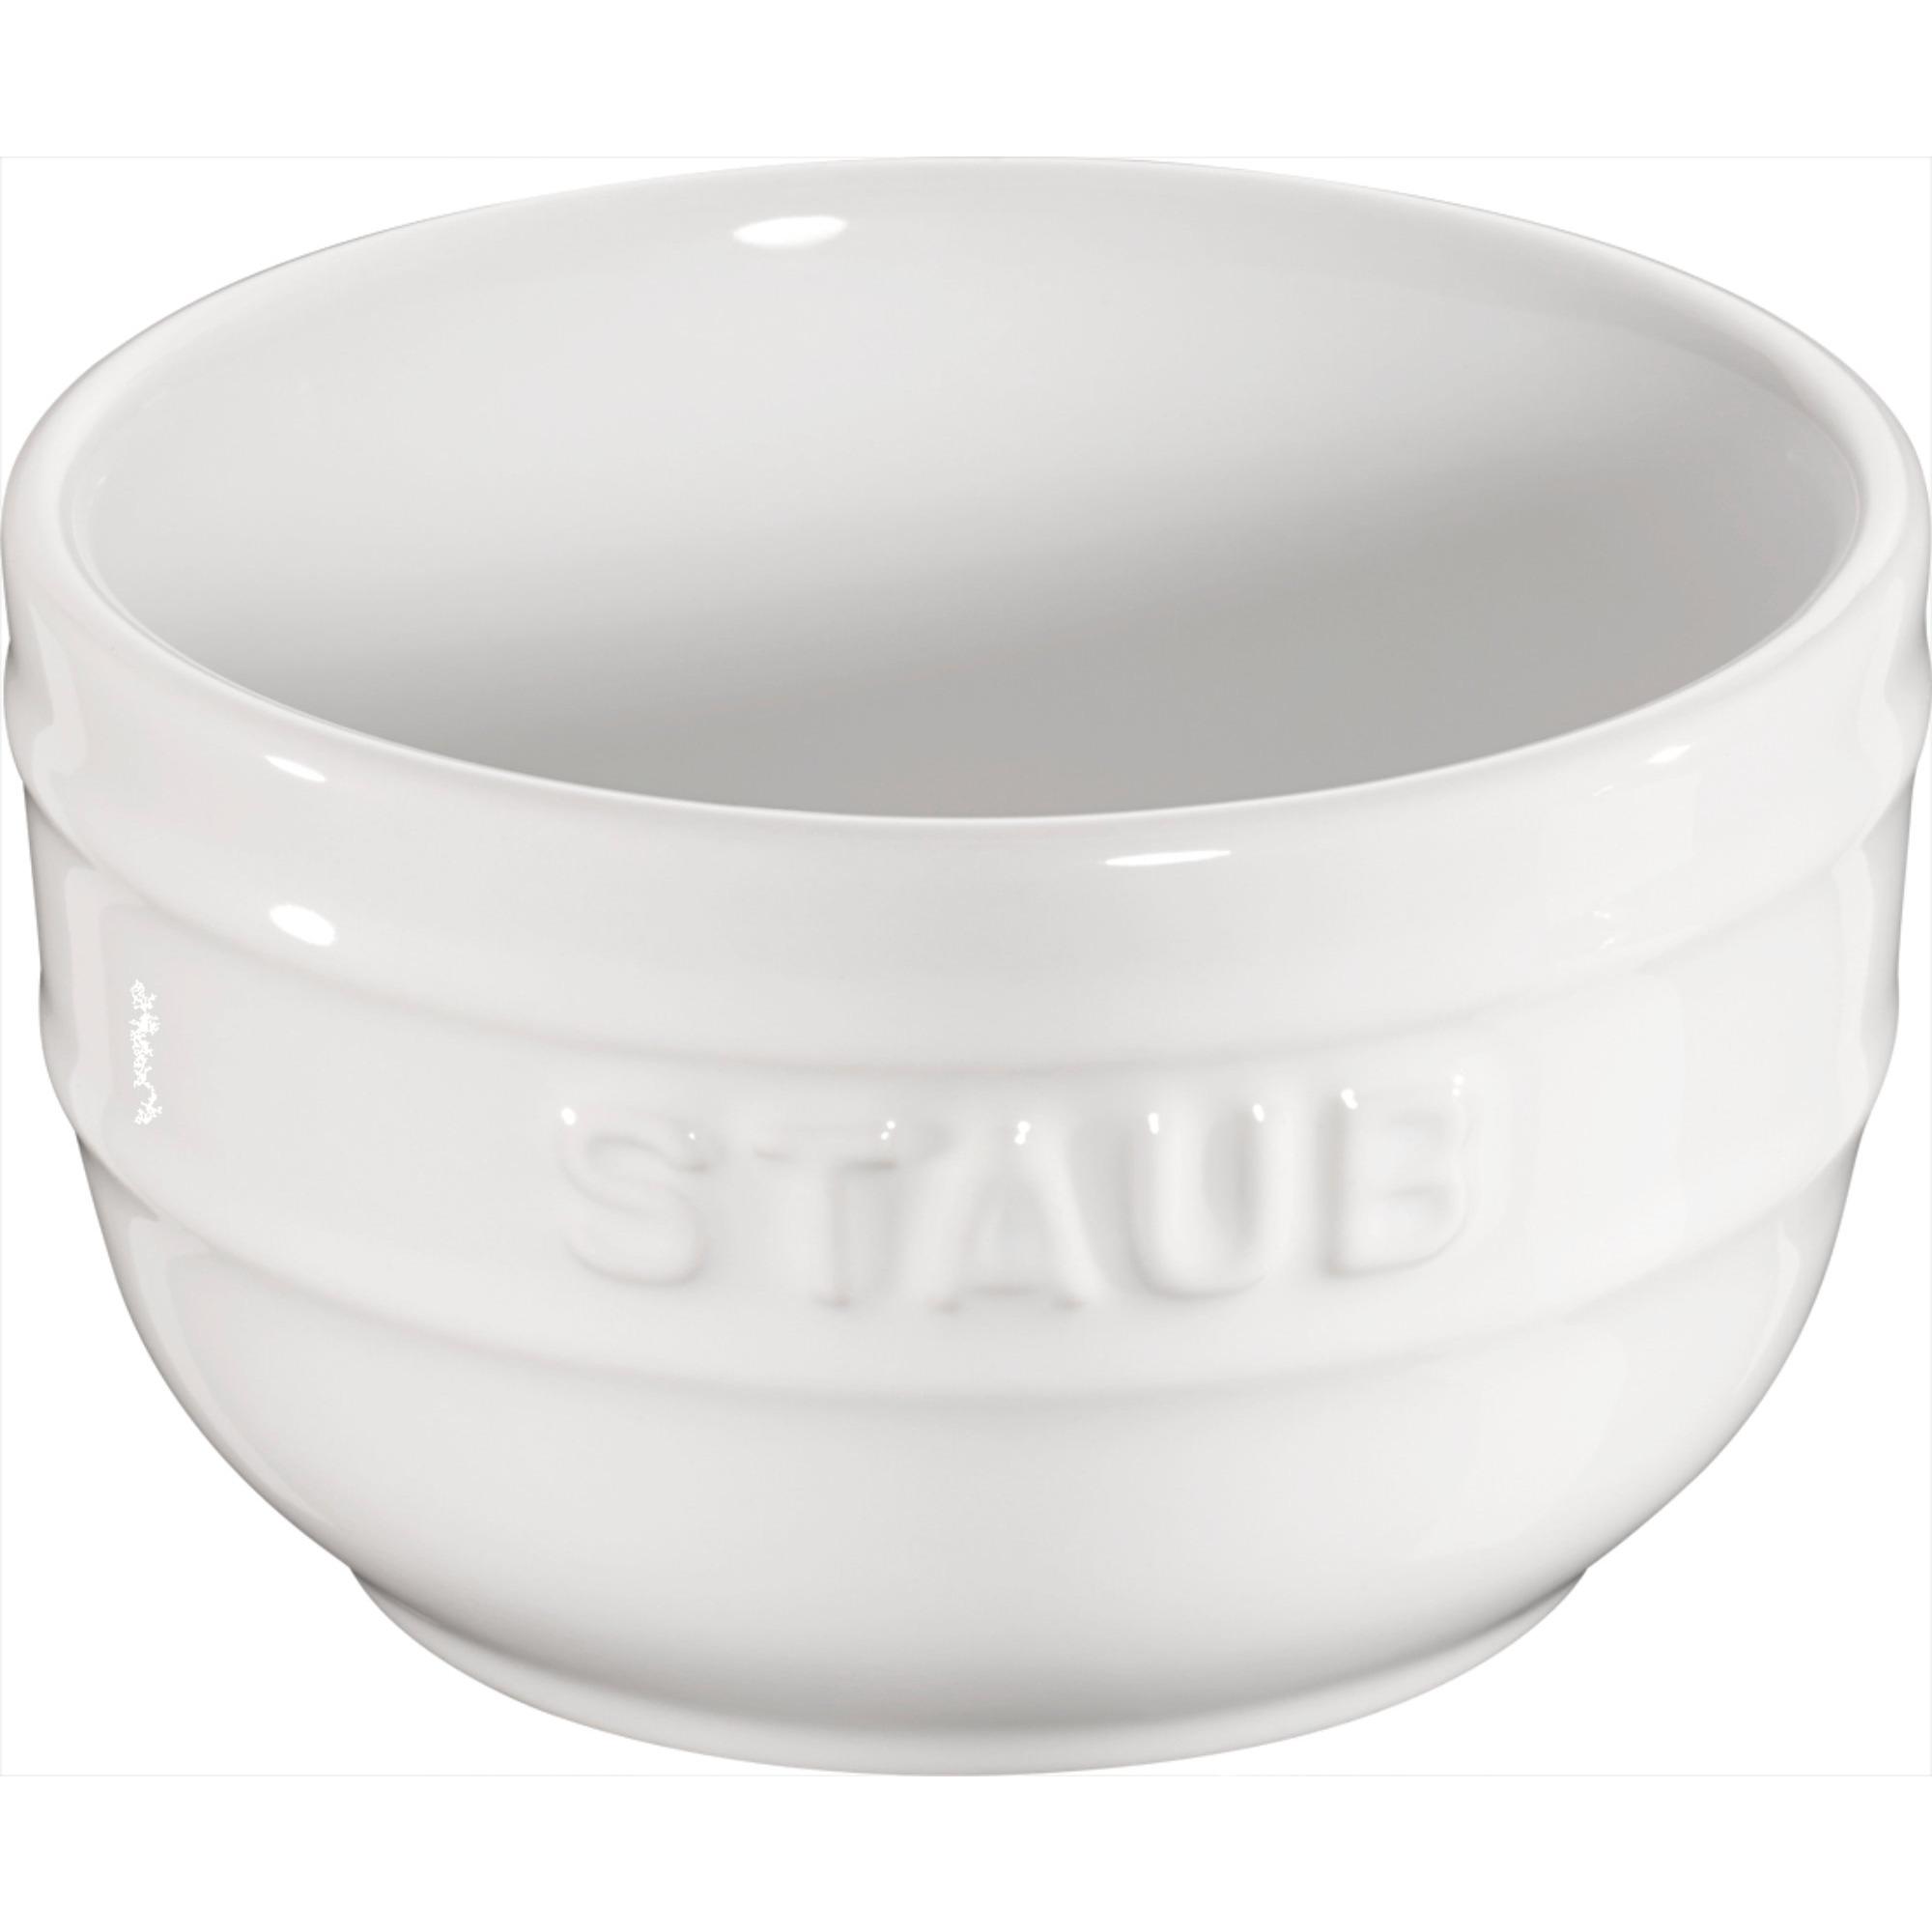 Staub Ceramic Ramekin Vit 2-pack 8 cm 02 l